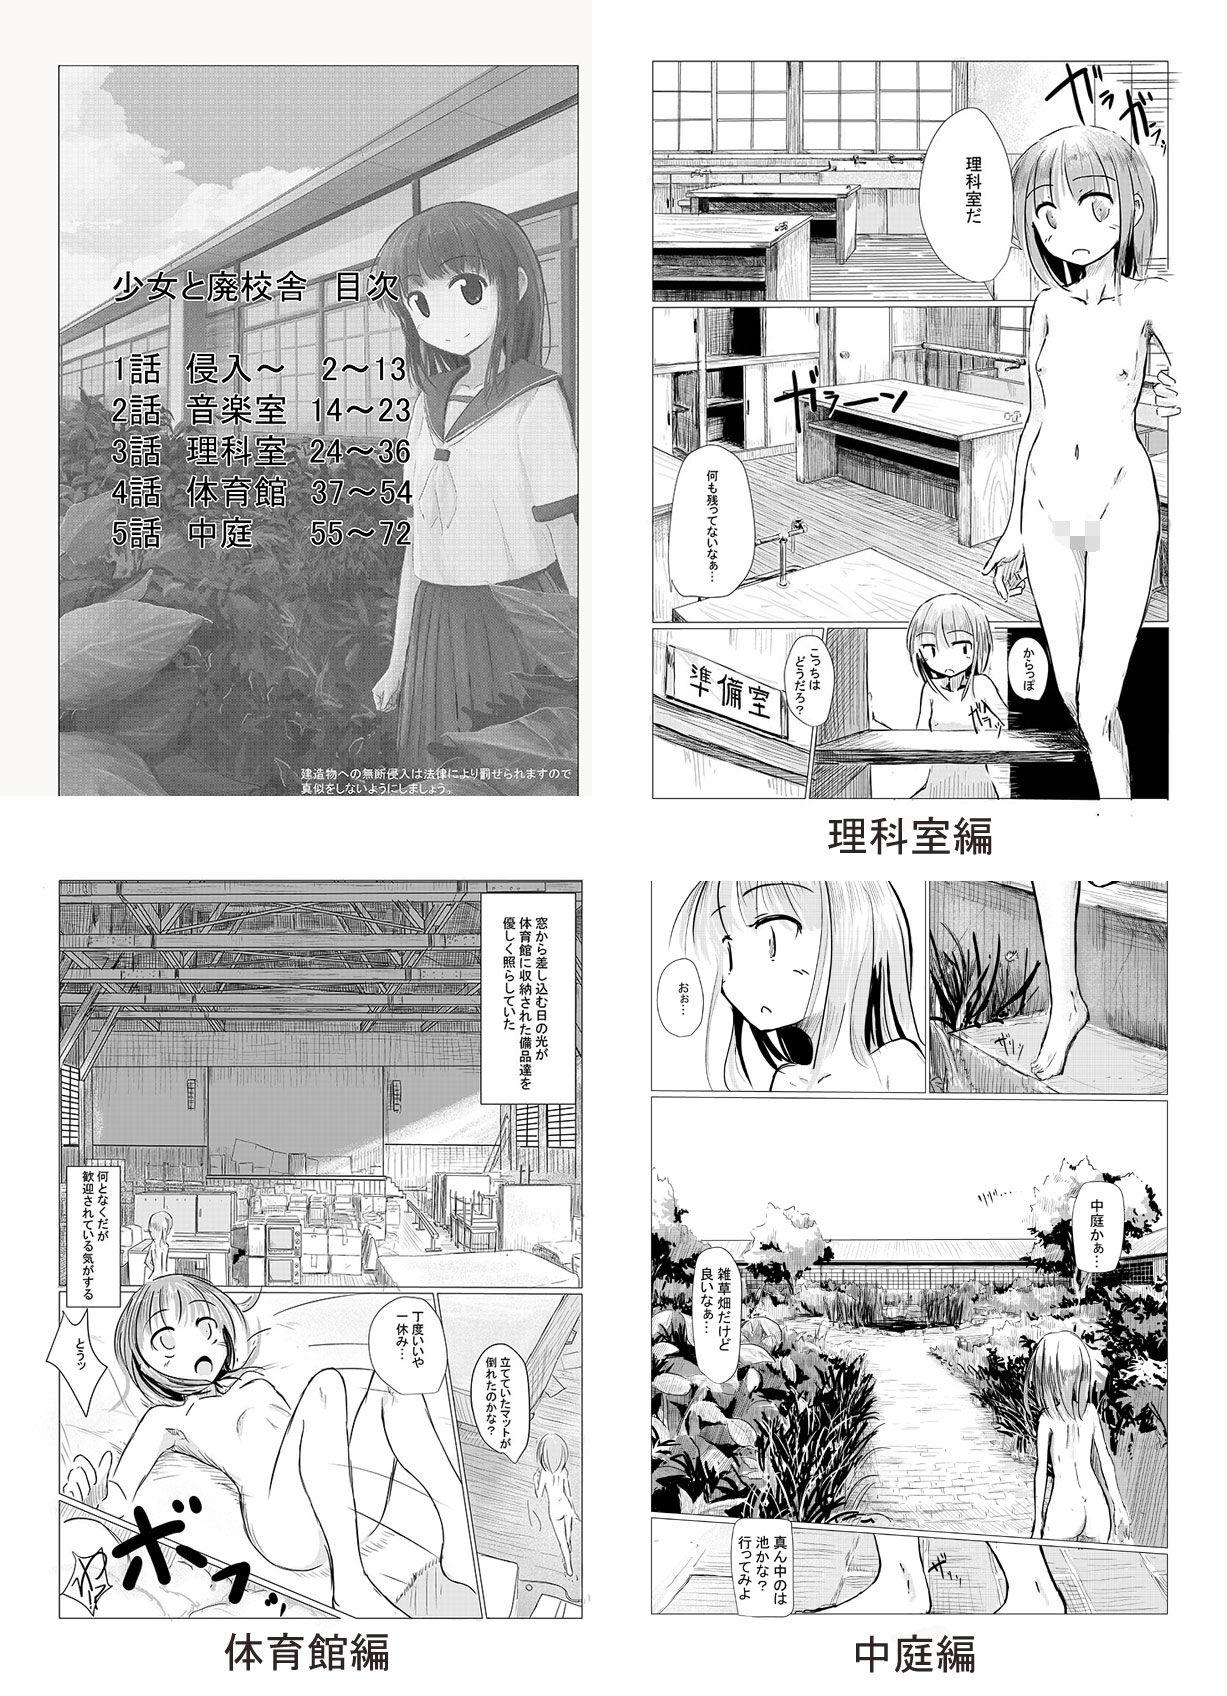 少女と廃校舎